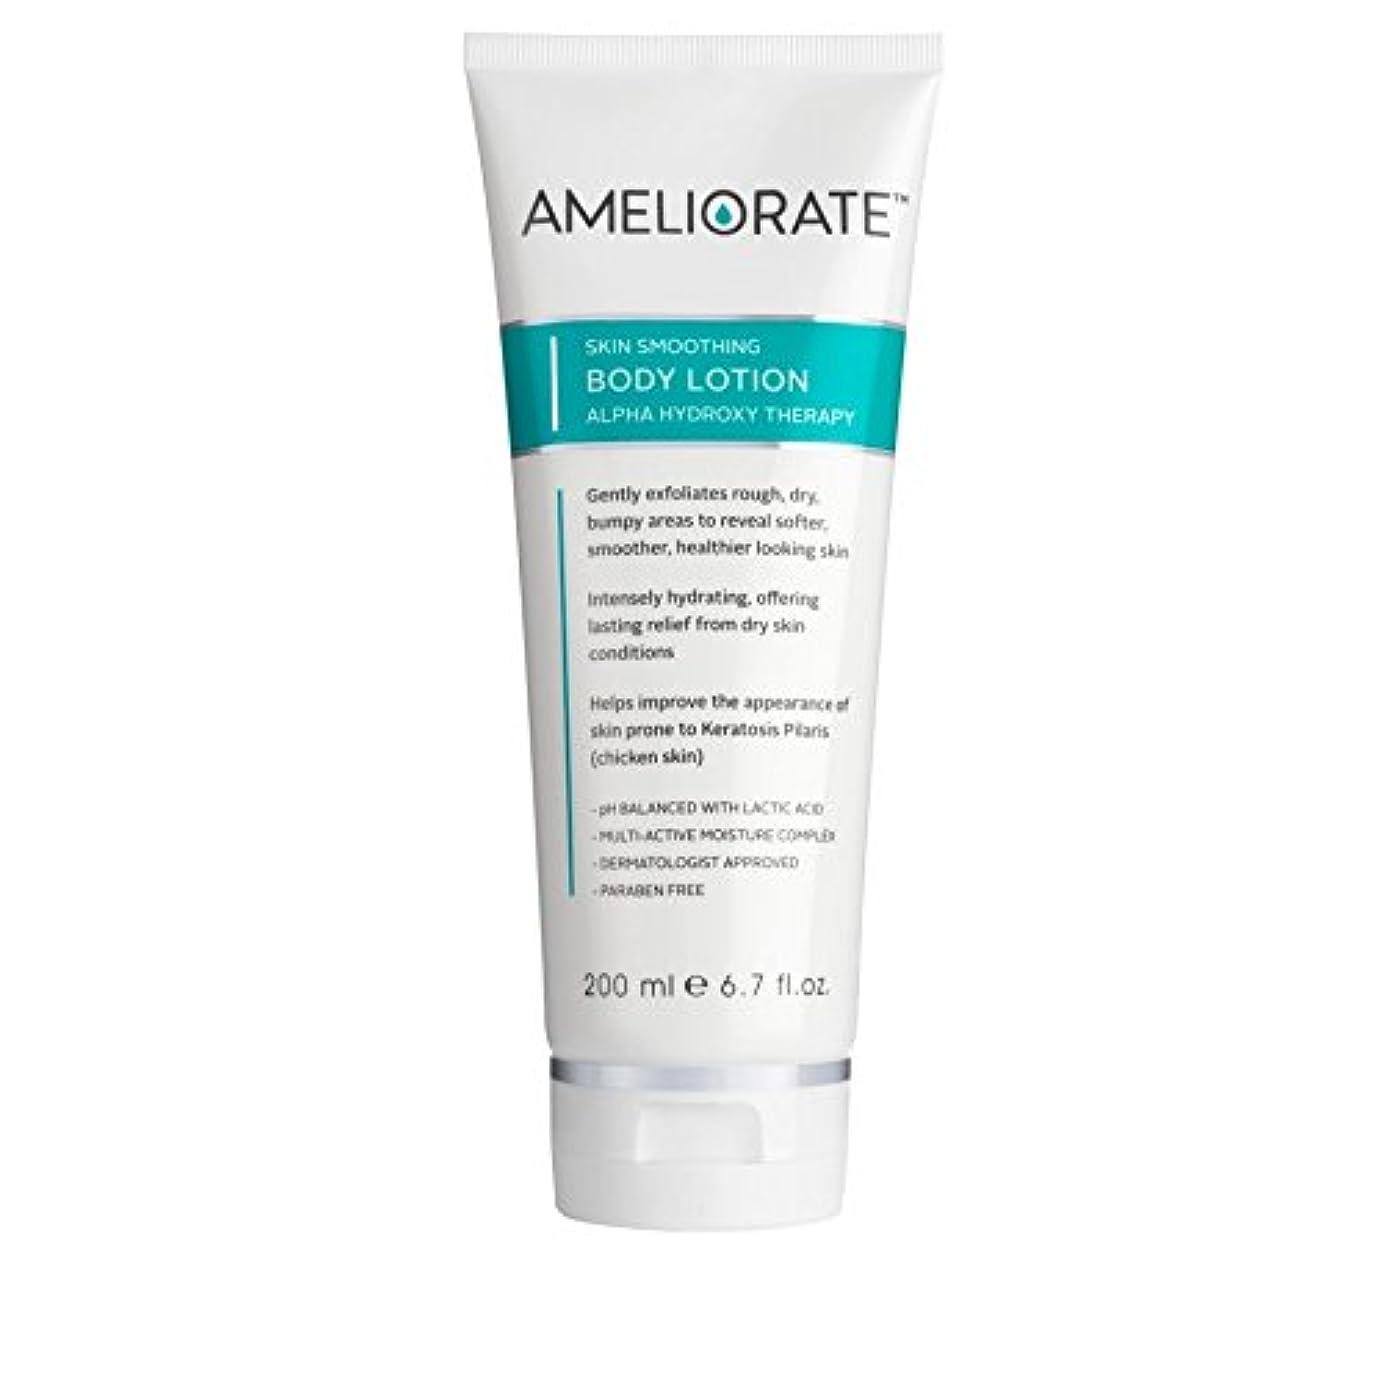 受信遠足墓ボディローション200ミリリットルを滑らかに肌を改善 x4 - Ameliorate Skin Smoothing Body Lotion 200ml (Pack of 4) [並行輸入品]